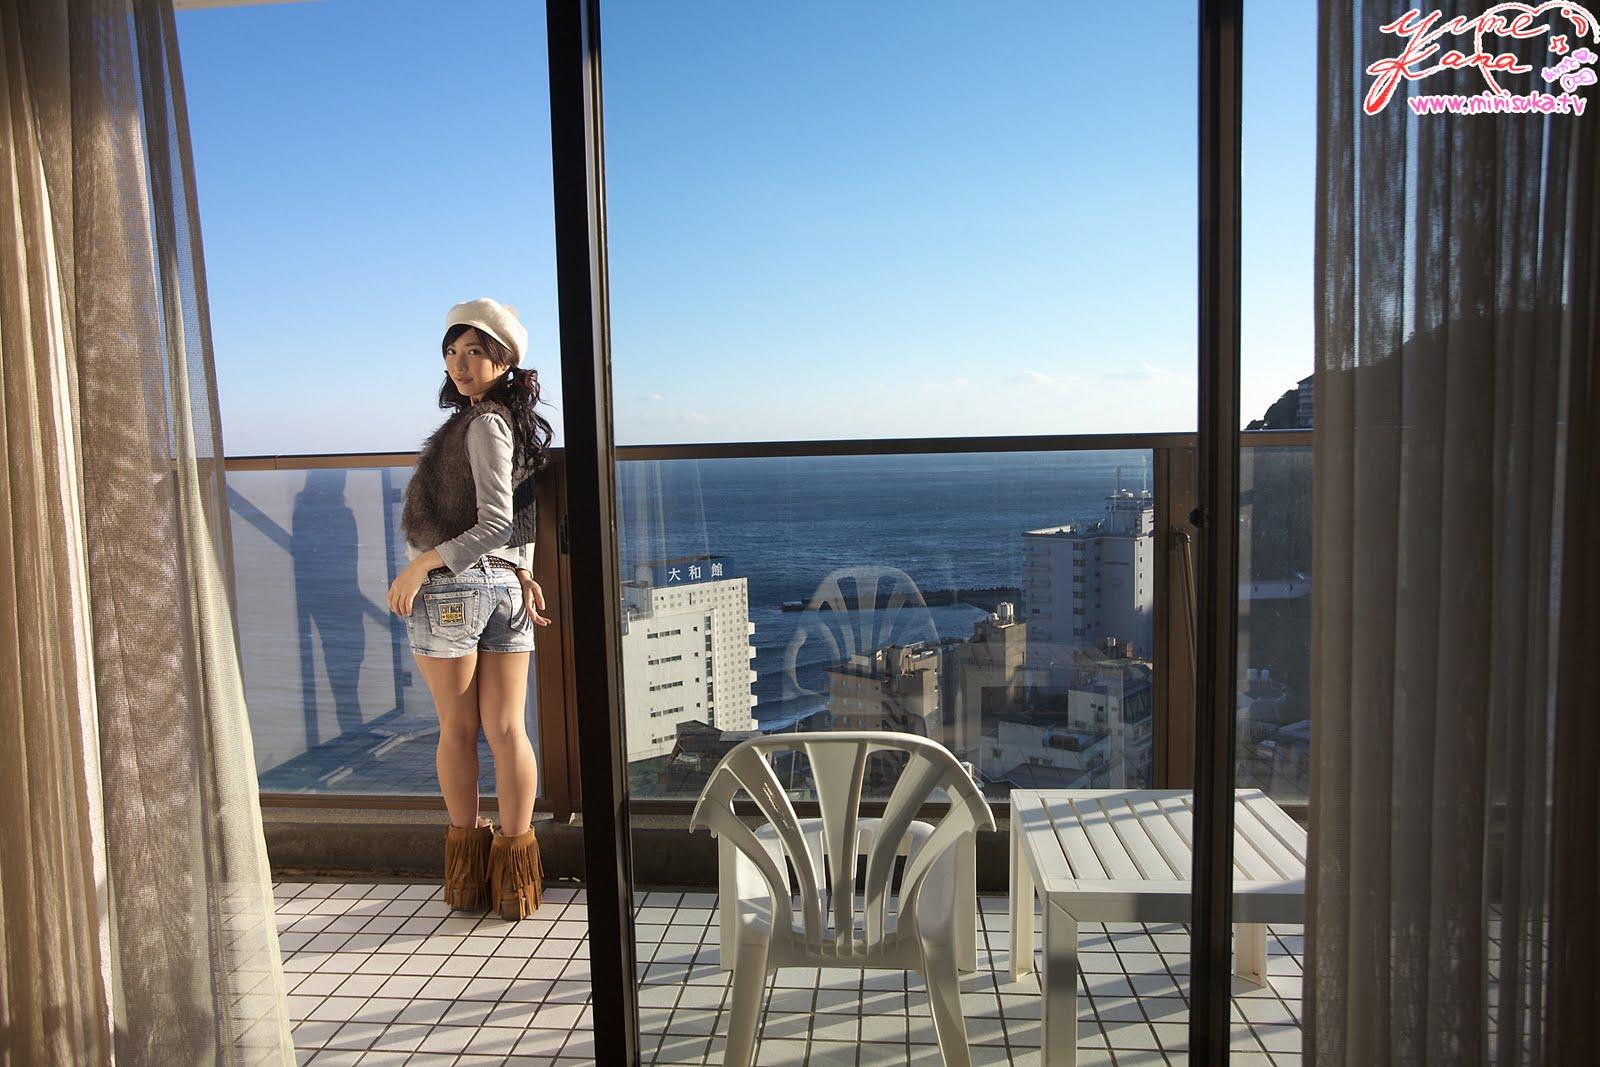 http://1.bp.blogspot.com/-fuSRJfIfr8k/TbGTDiCHI-I/AAAAAAAAVi8/i4v7jxtPQLs/s1600/Kana+Yume+in+fur+style+dress14.jpg